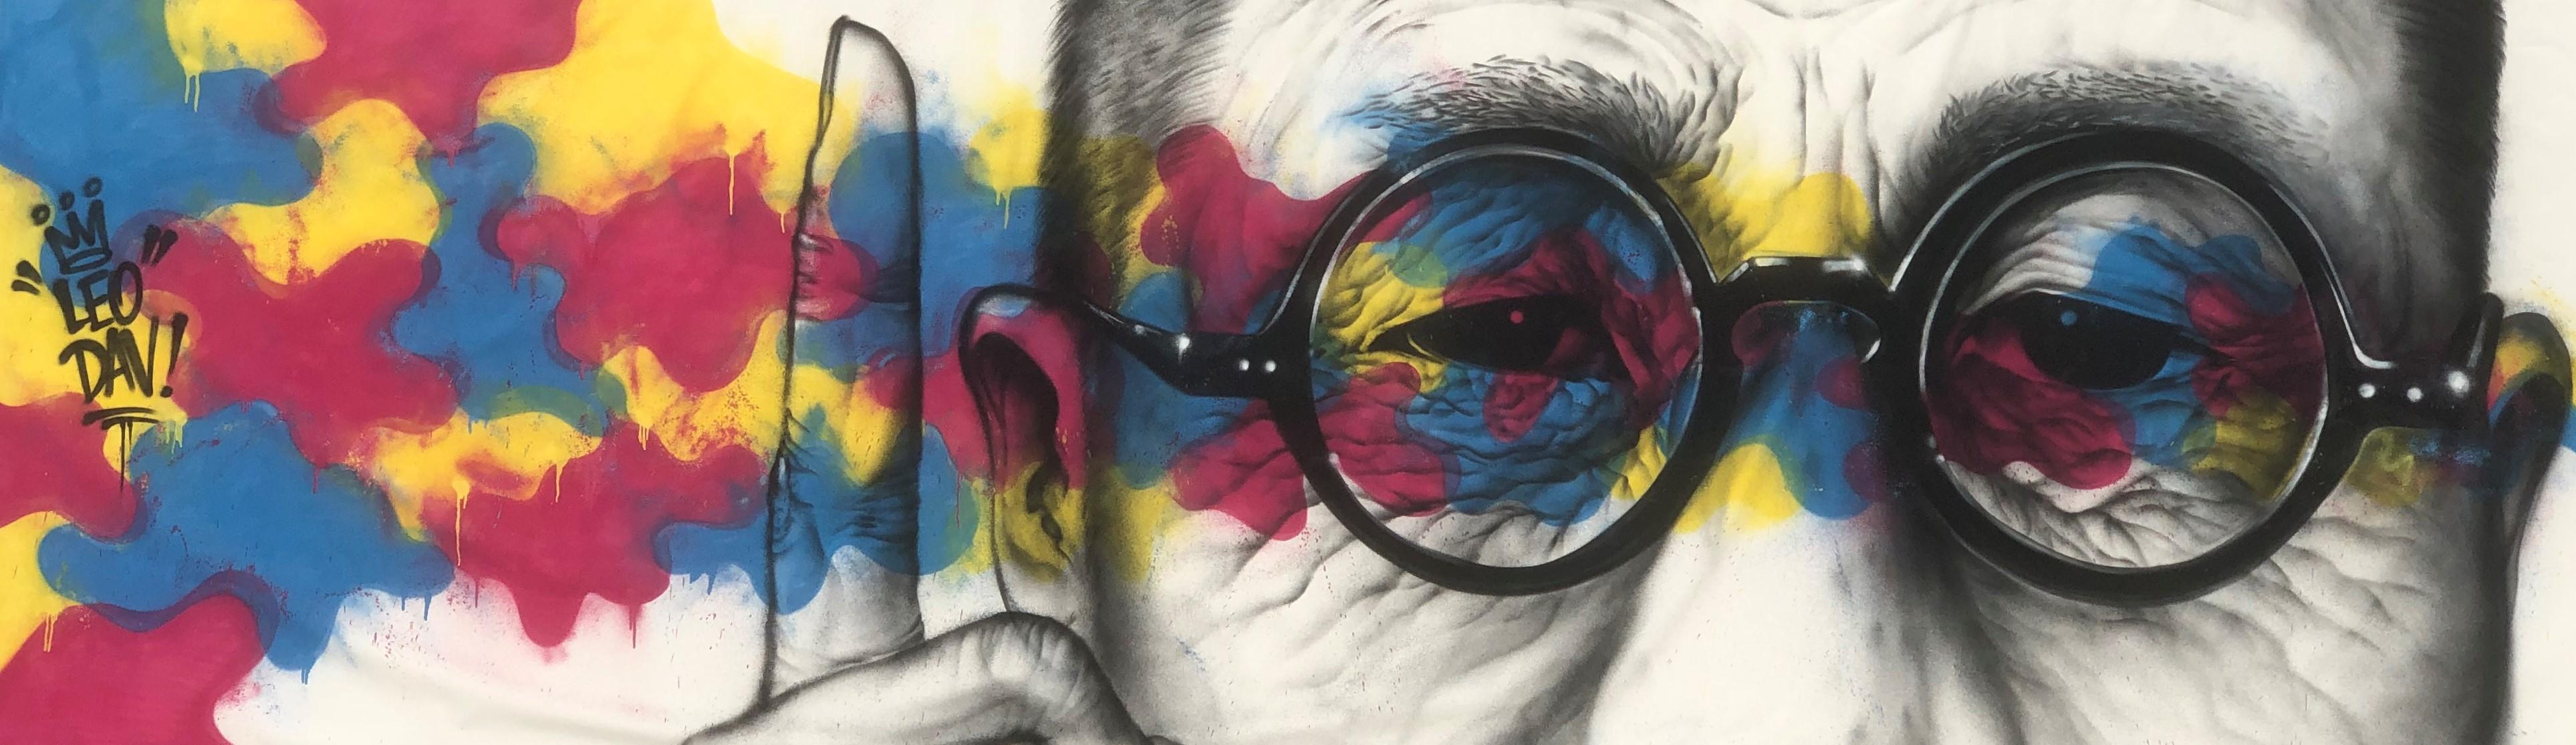 백범 김구 - 백년의 눈빛 그래피티